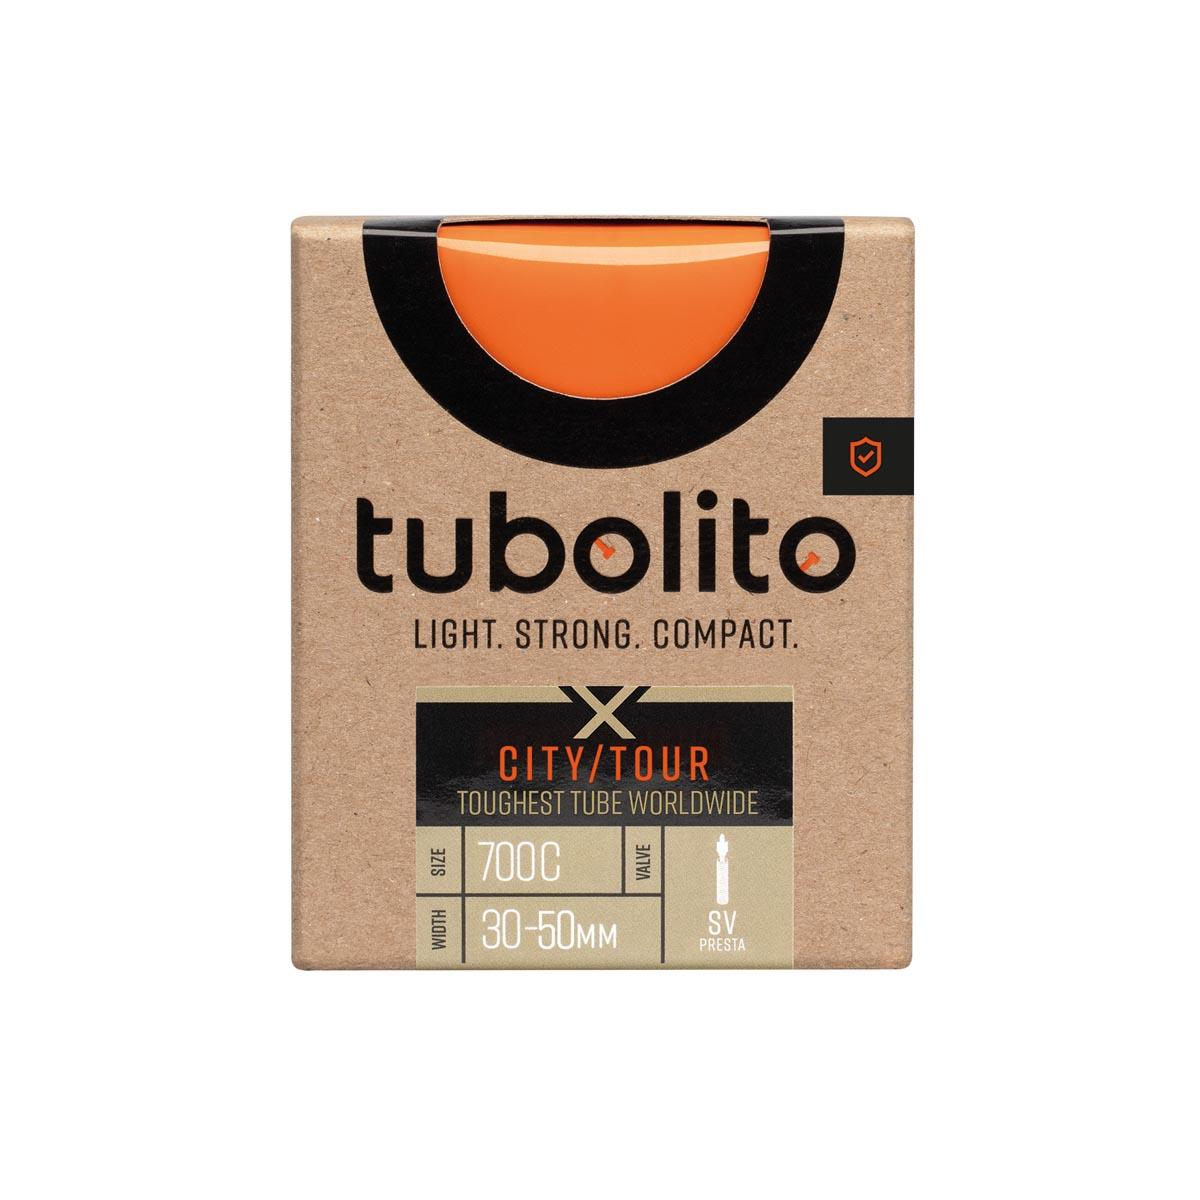 Tubolito X-Tubo City/Tour inner tube package